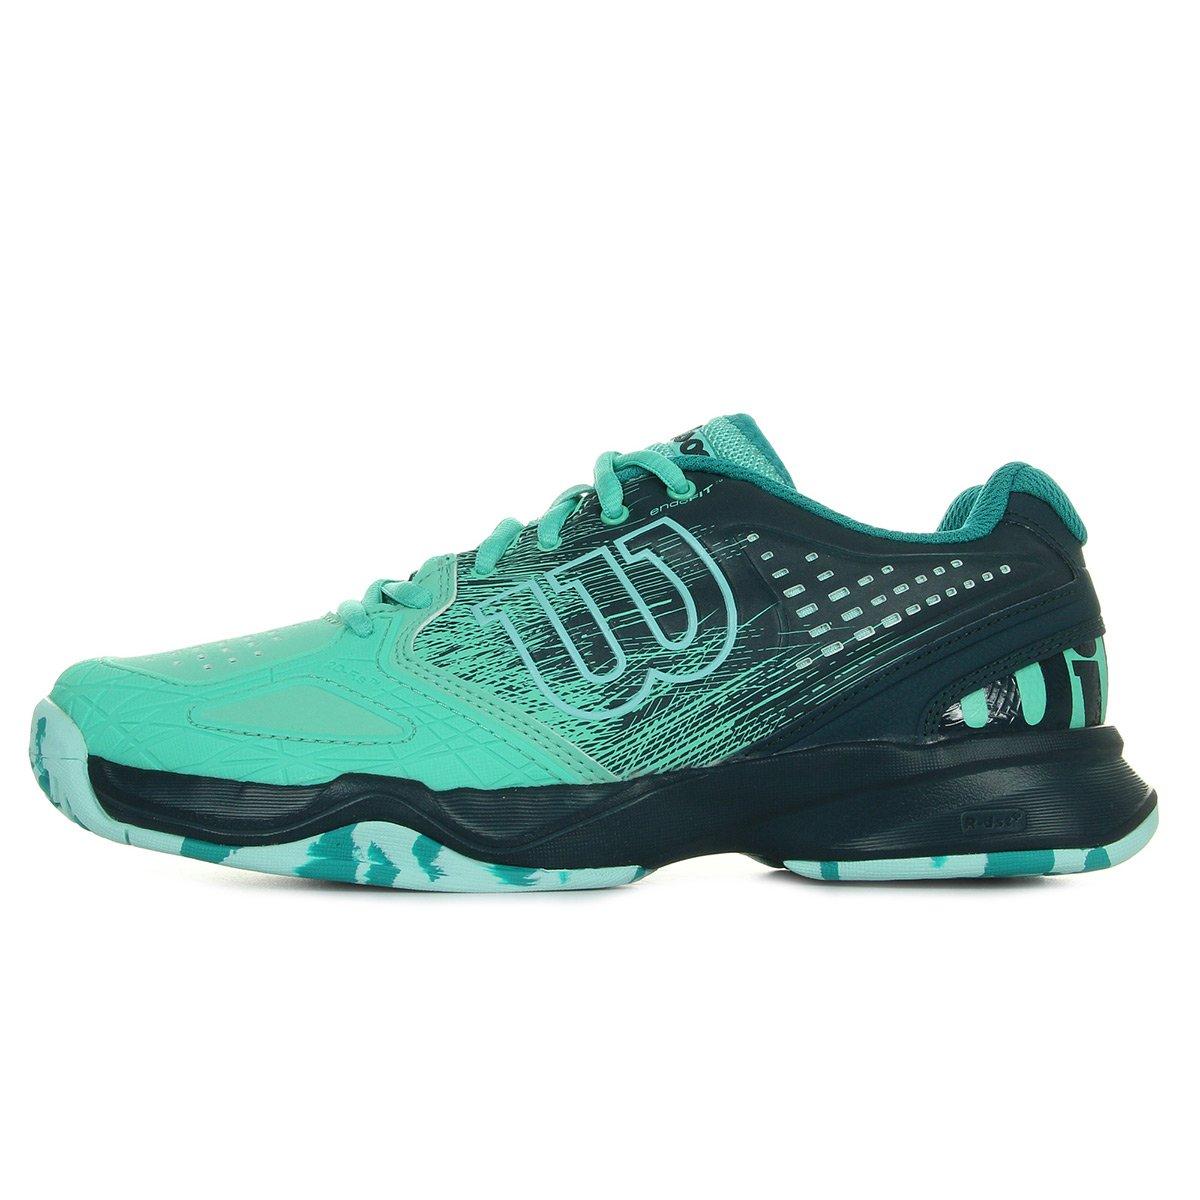 Wilson Kaos Comp W, Zapatillas de Tenis para Mujer: Amazon.es: Zapatos y complementos